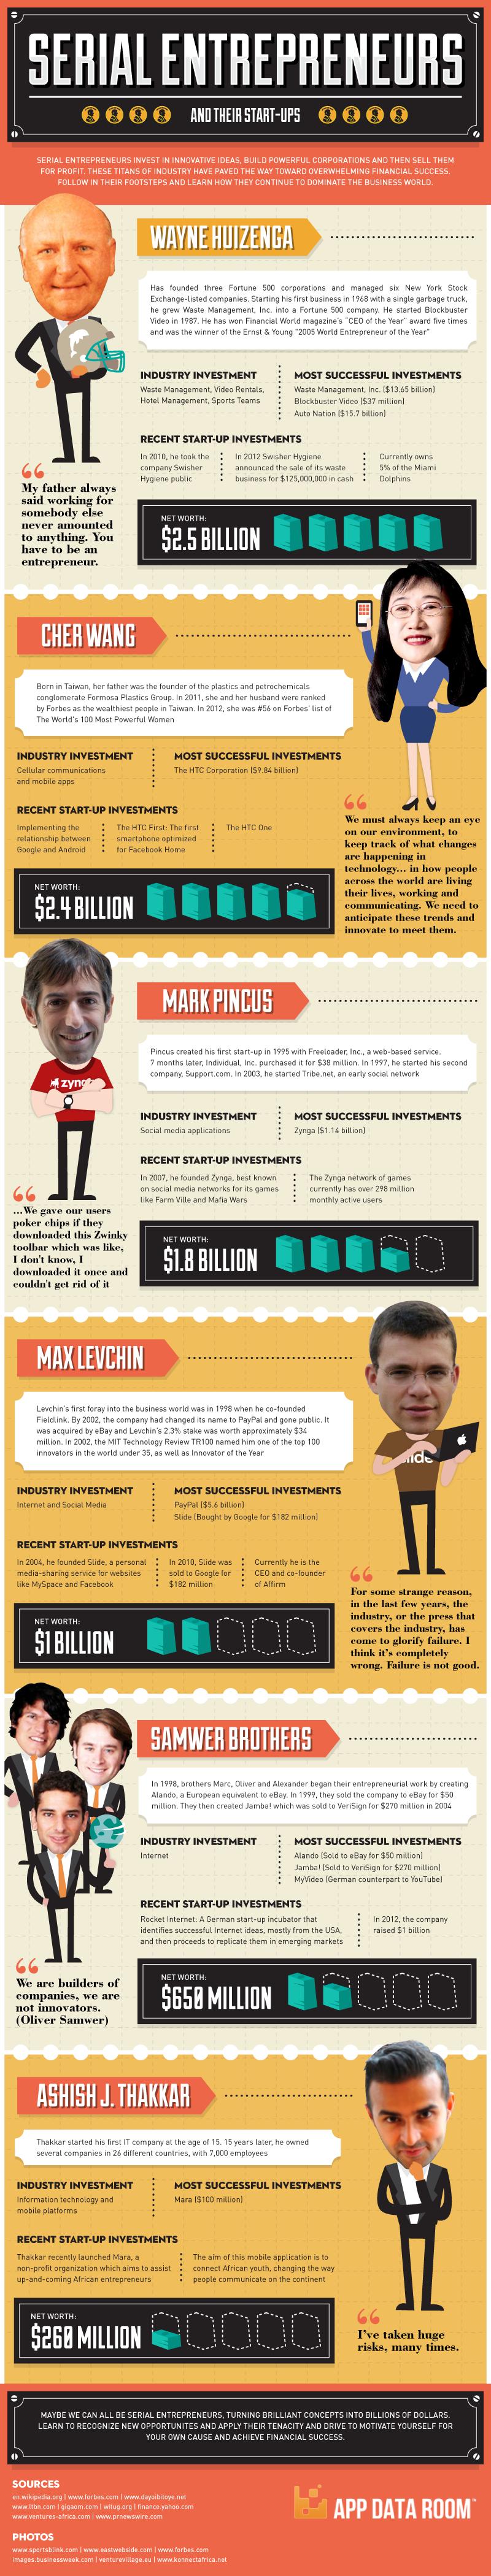 Greatest-Serial-Entrepreneurs